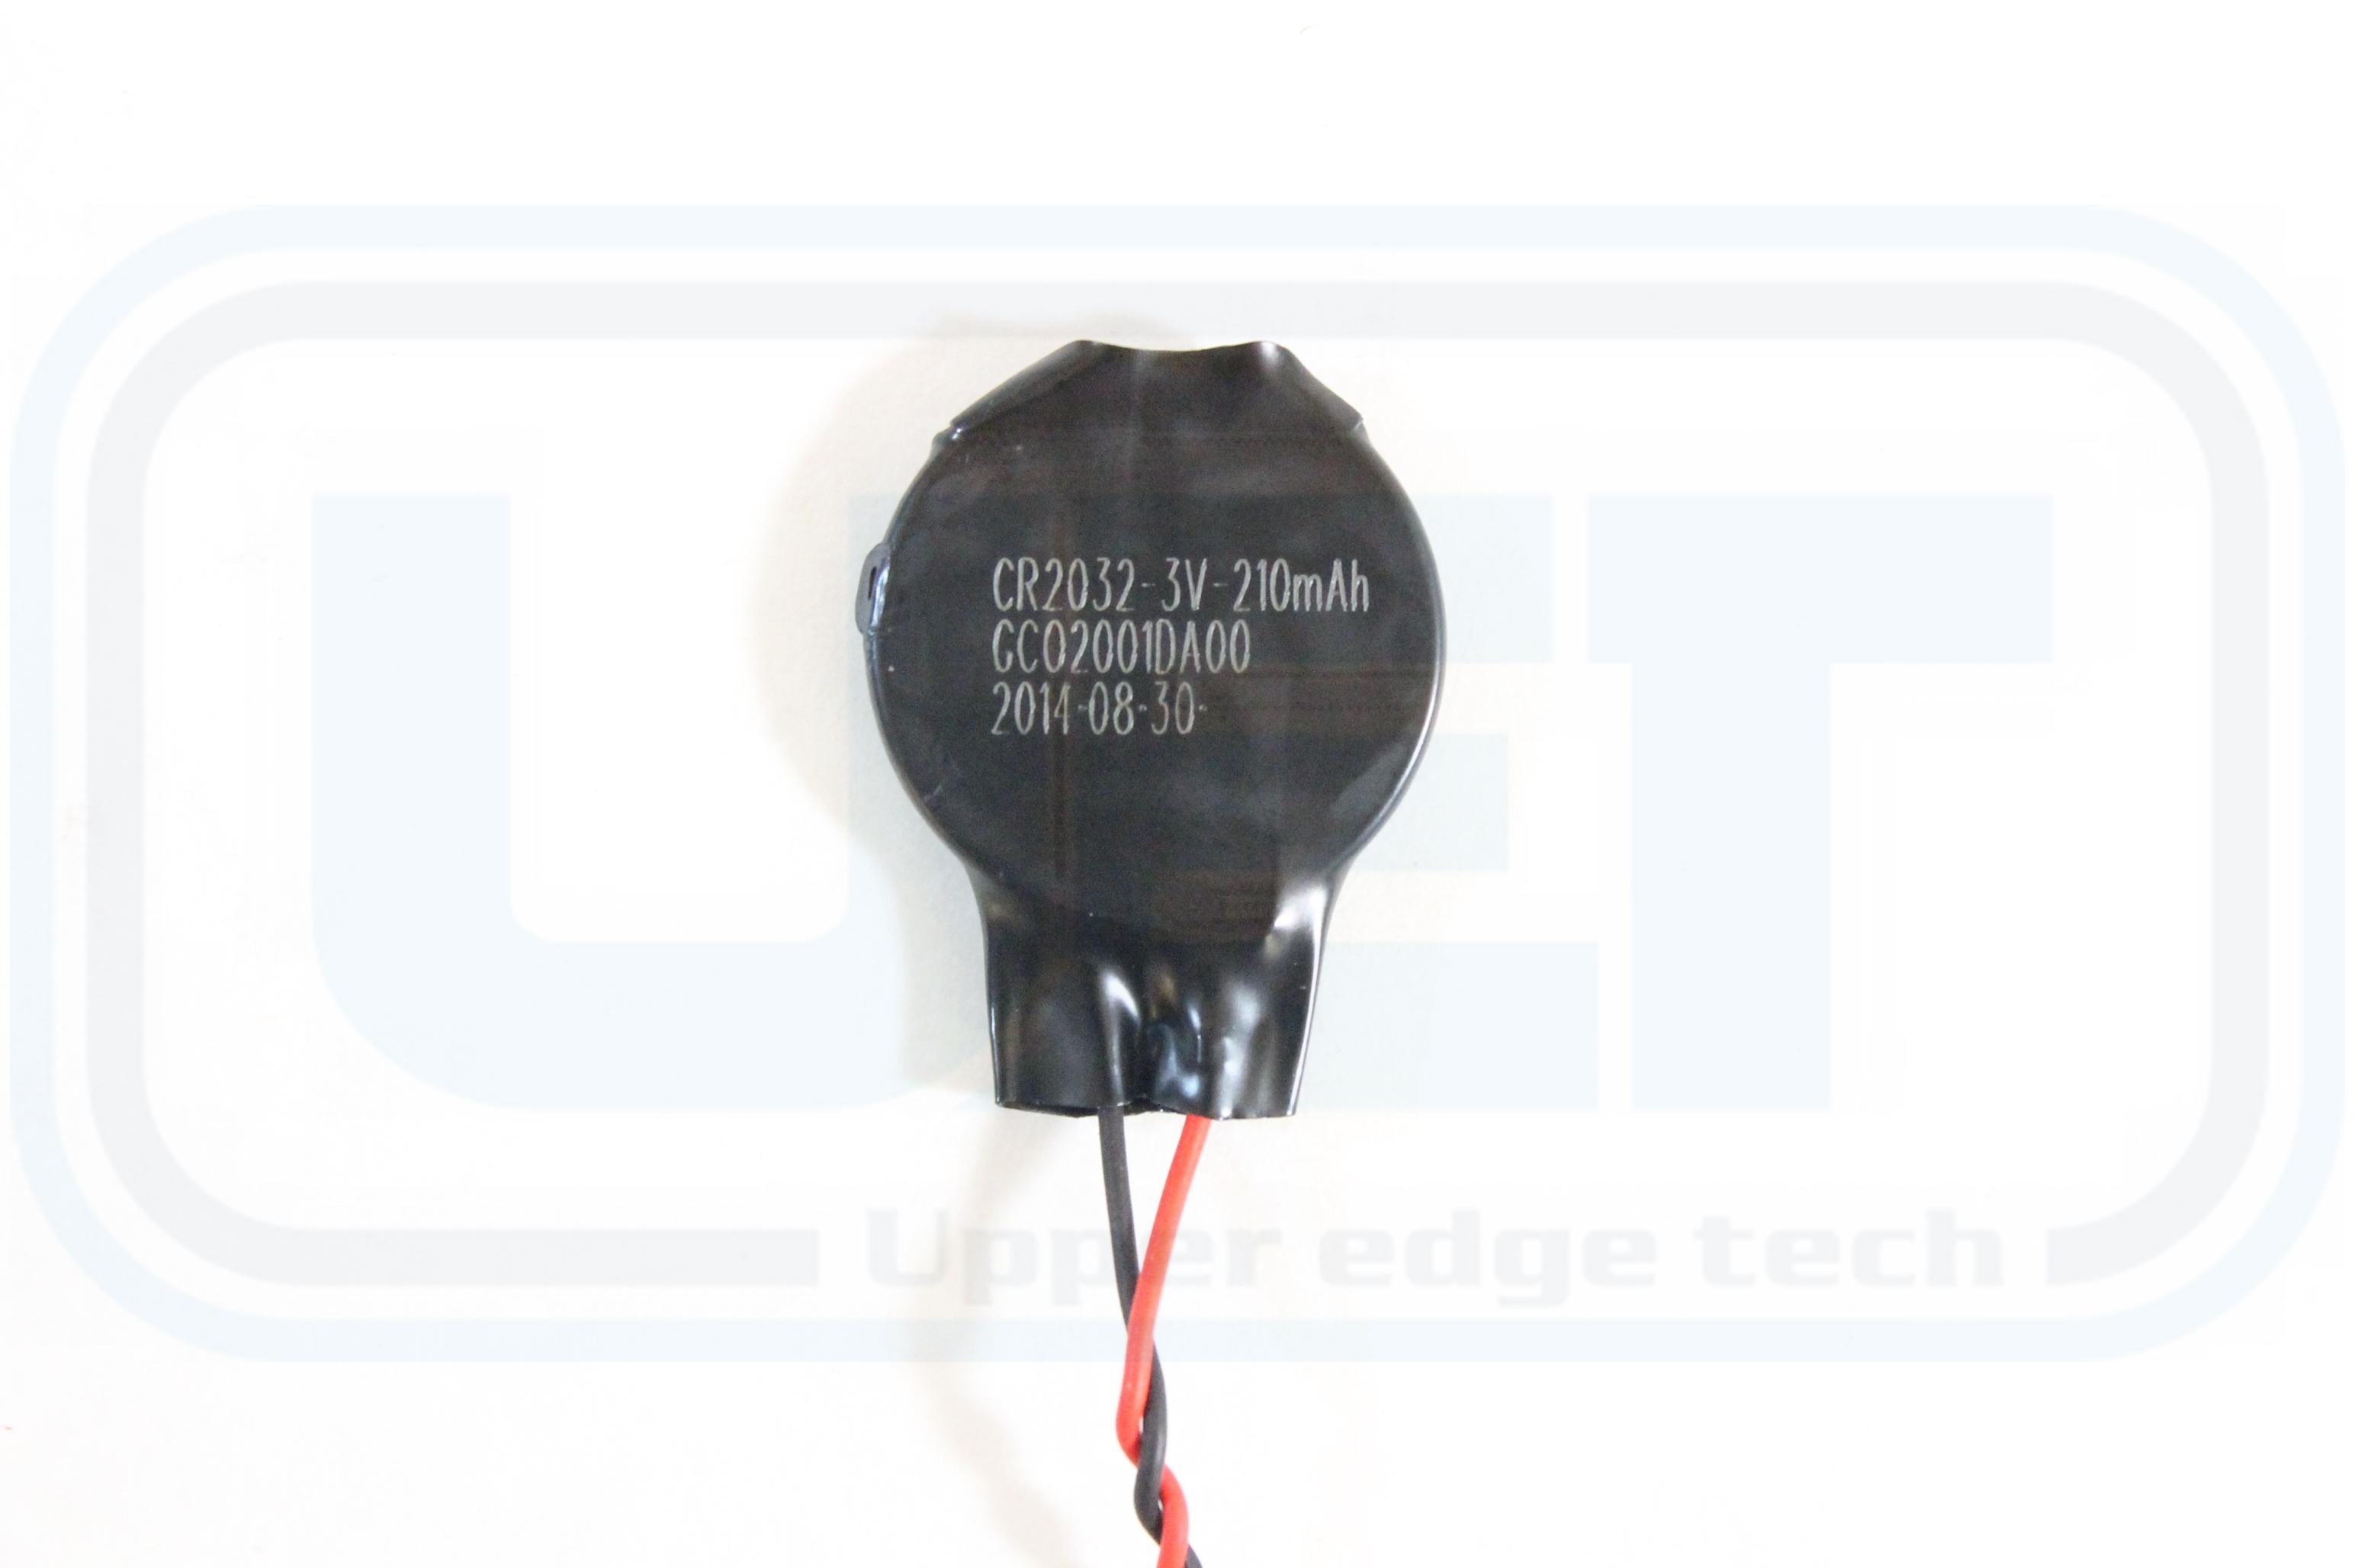 Lenovo GC02001DA00 2 Prong BIOS Battery Thinkpad E545